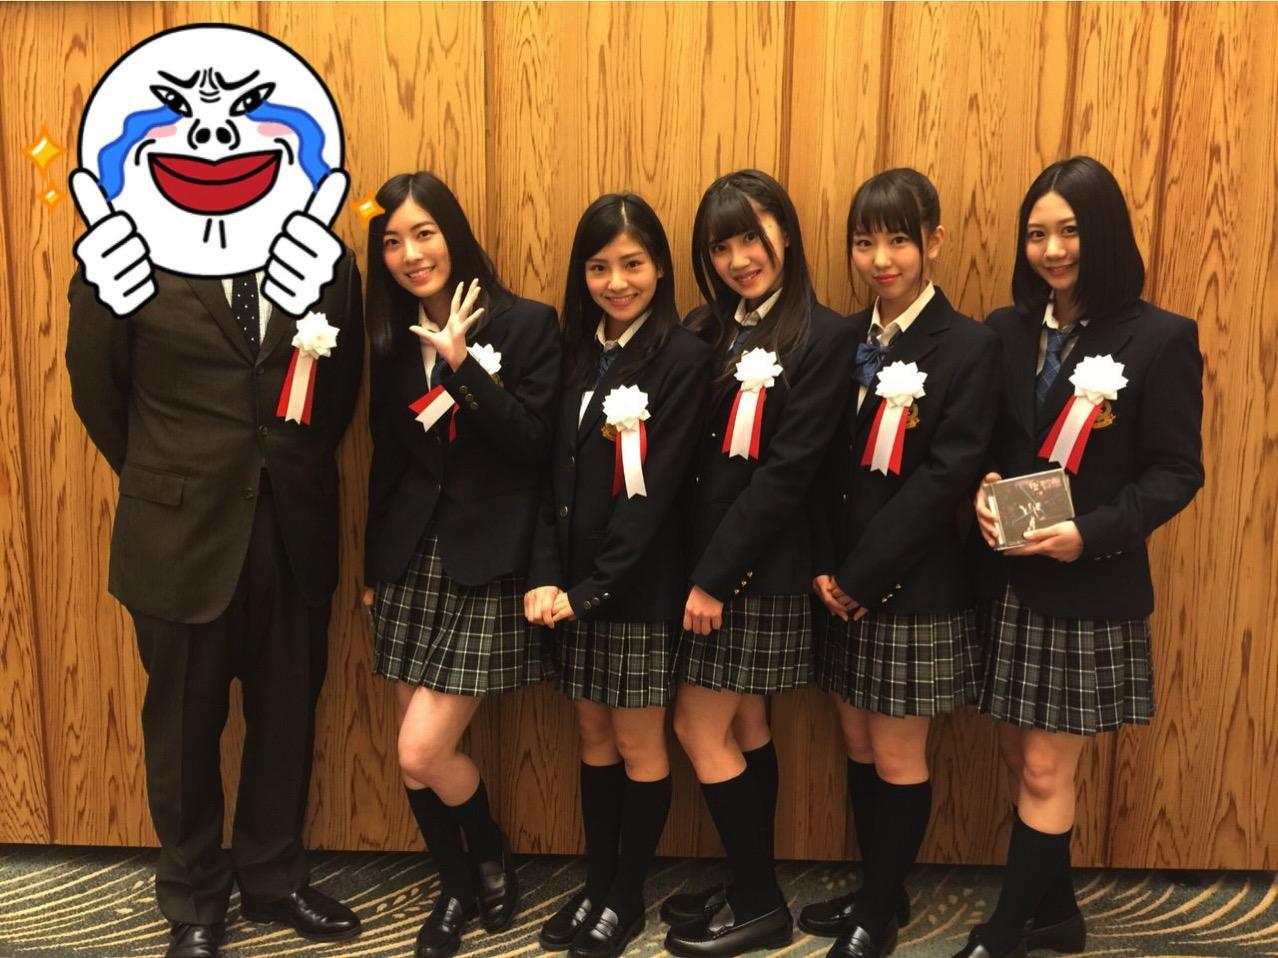 Ise shima photo contest 2472